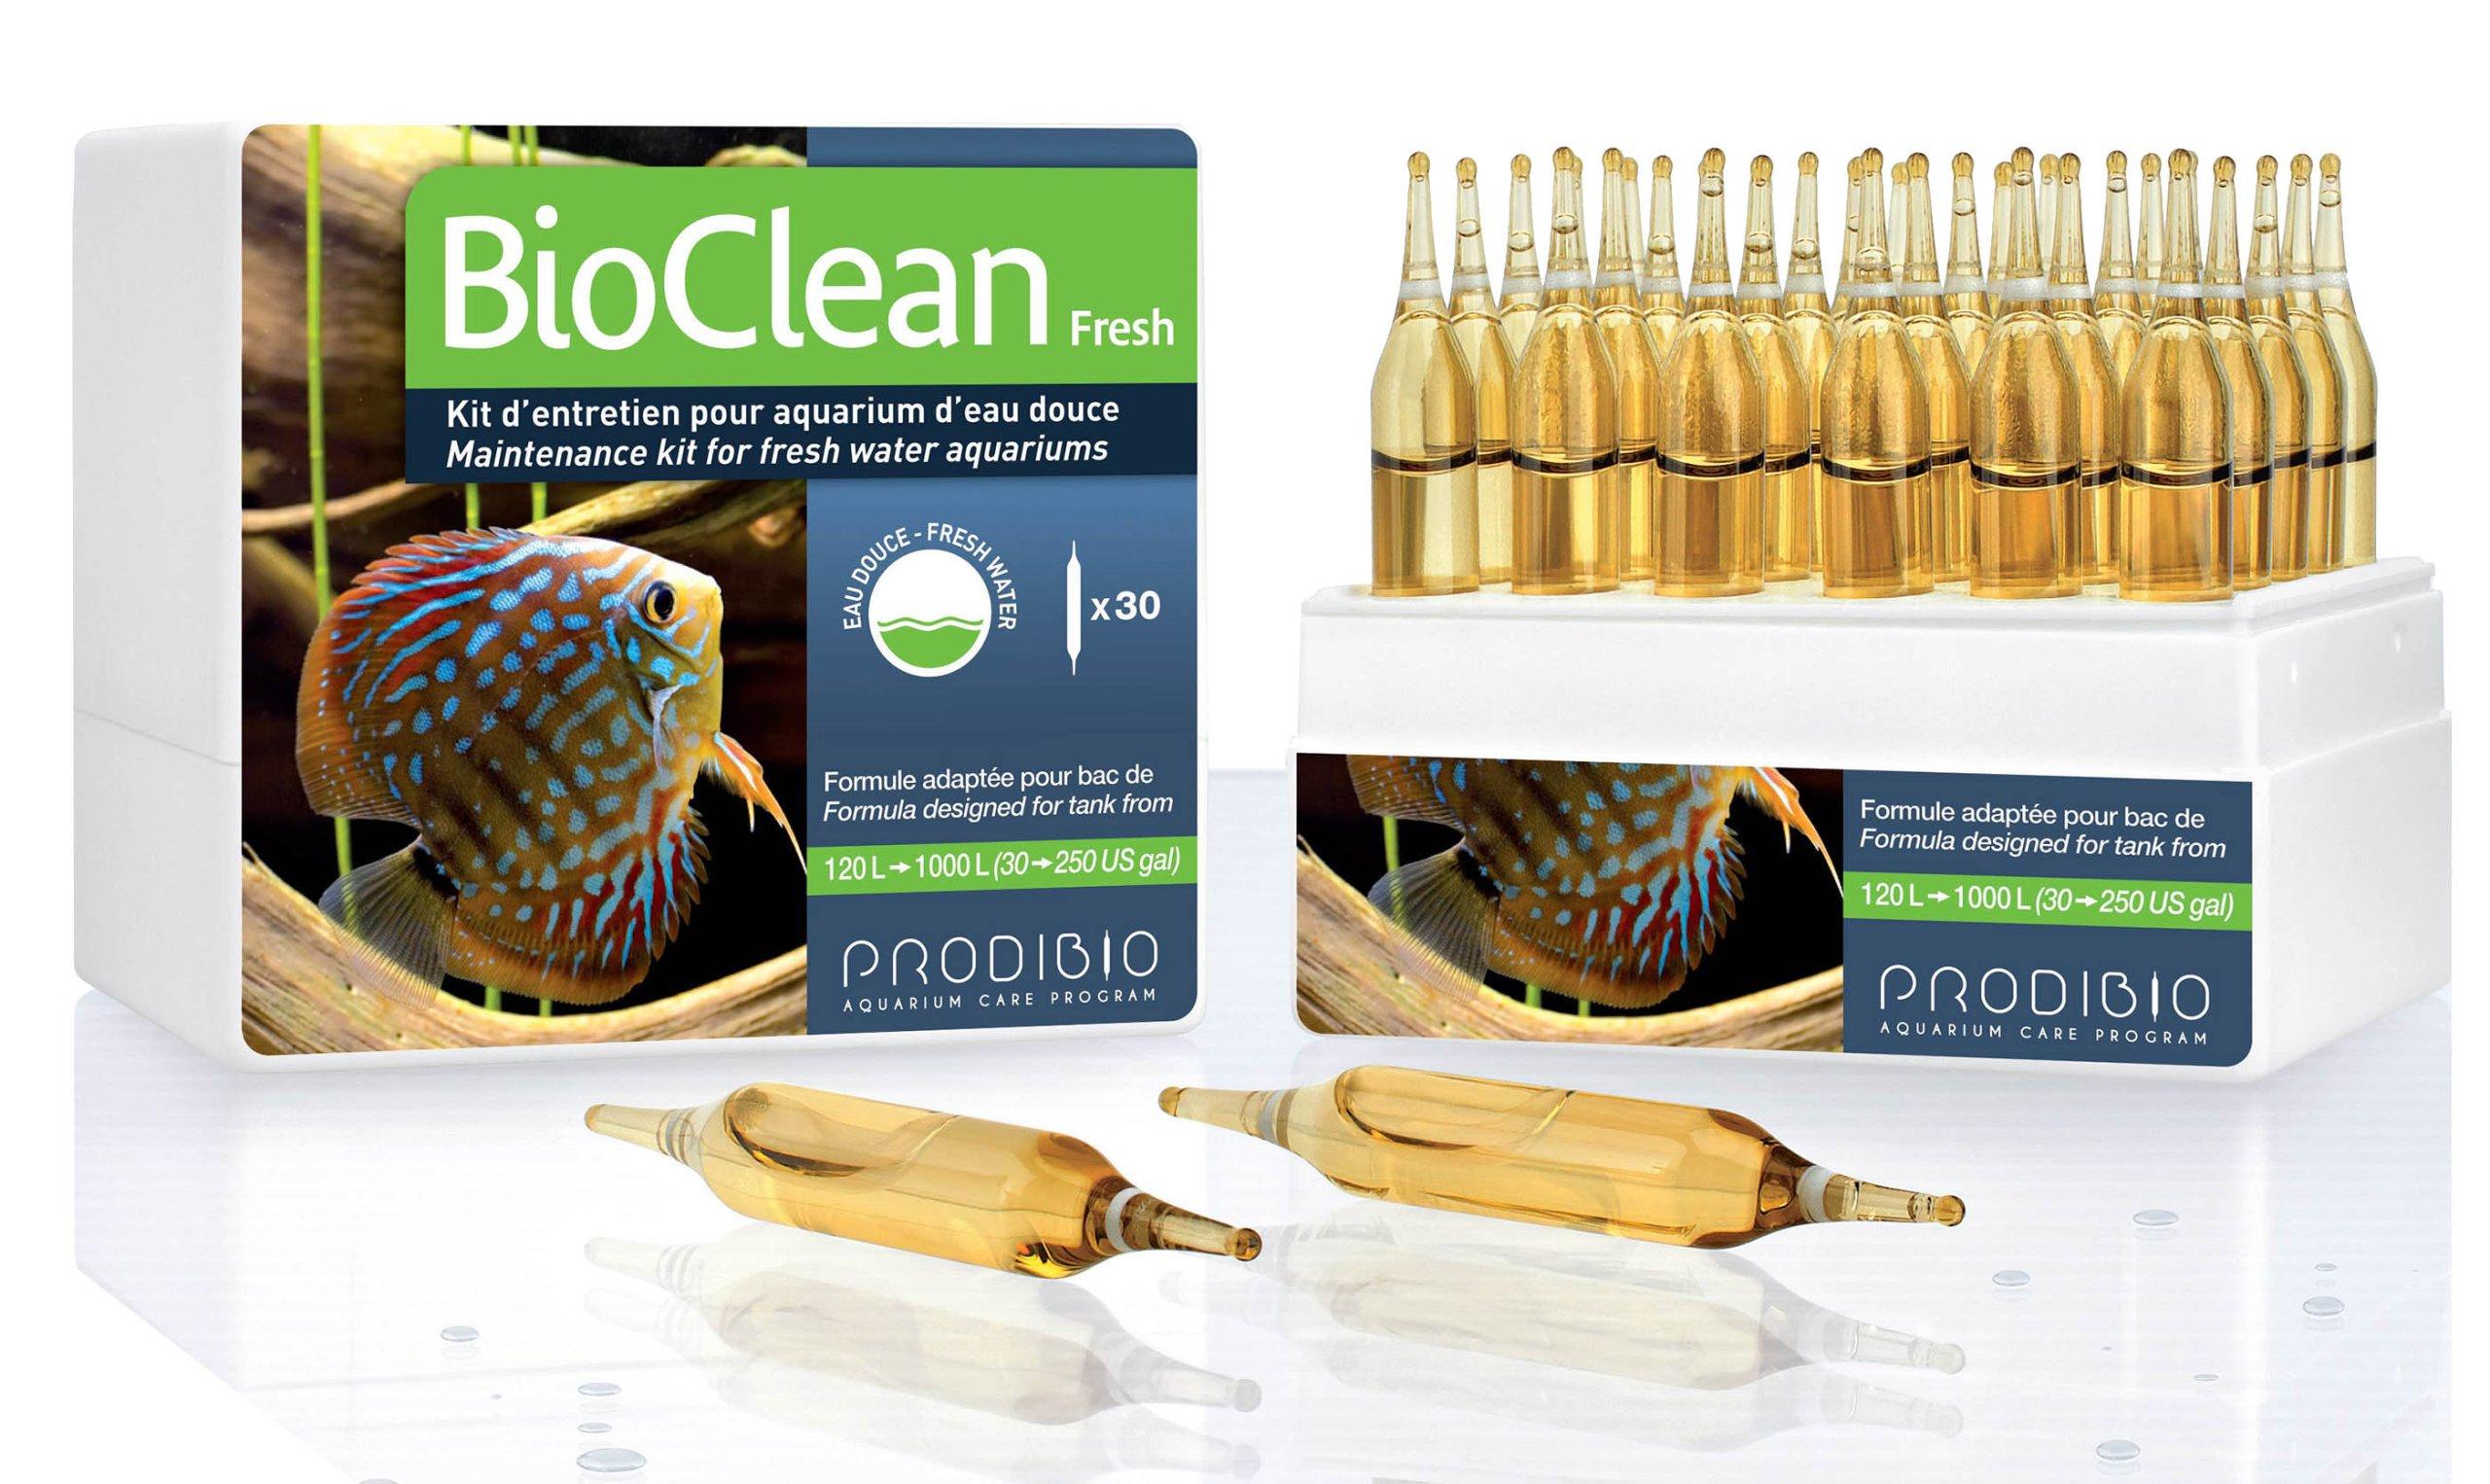 PRODIBIO BioClean Čerstvé 30pcs BAKTÉRIE PRVKY